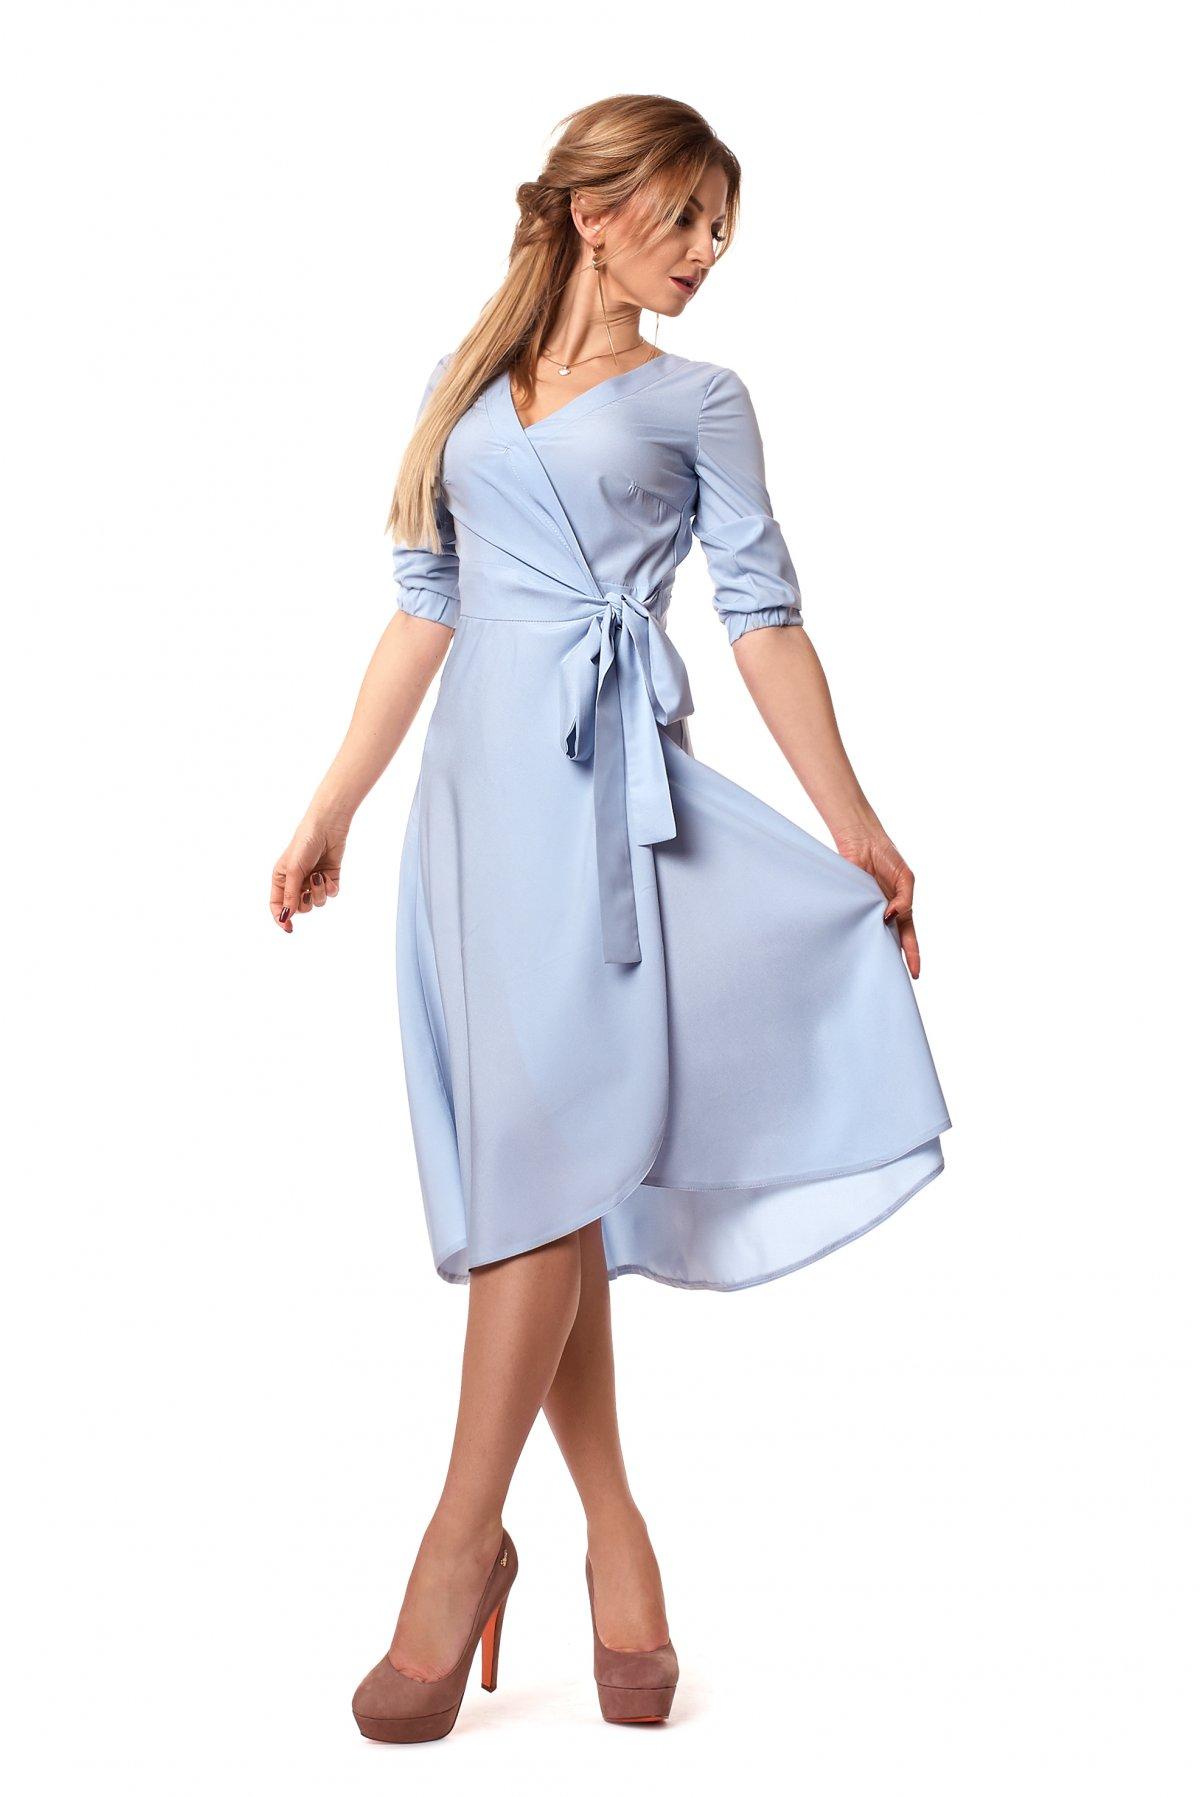 Женское красивое платье на запах (фото) - Фотогалерея стильной ... 35cf4e1d4a844